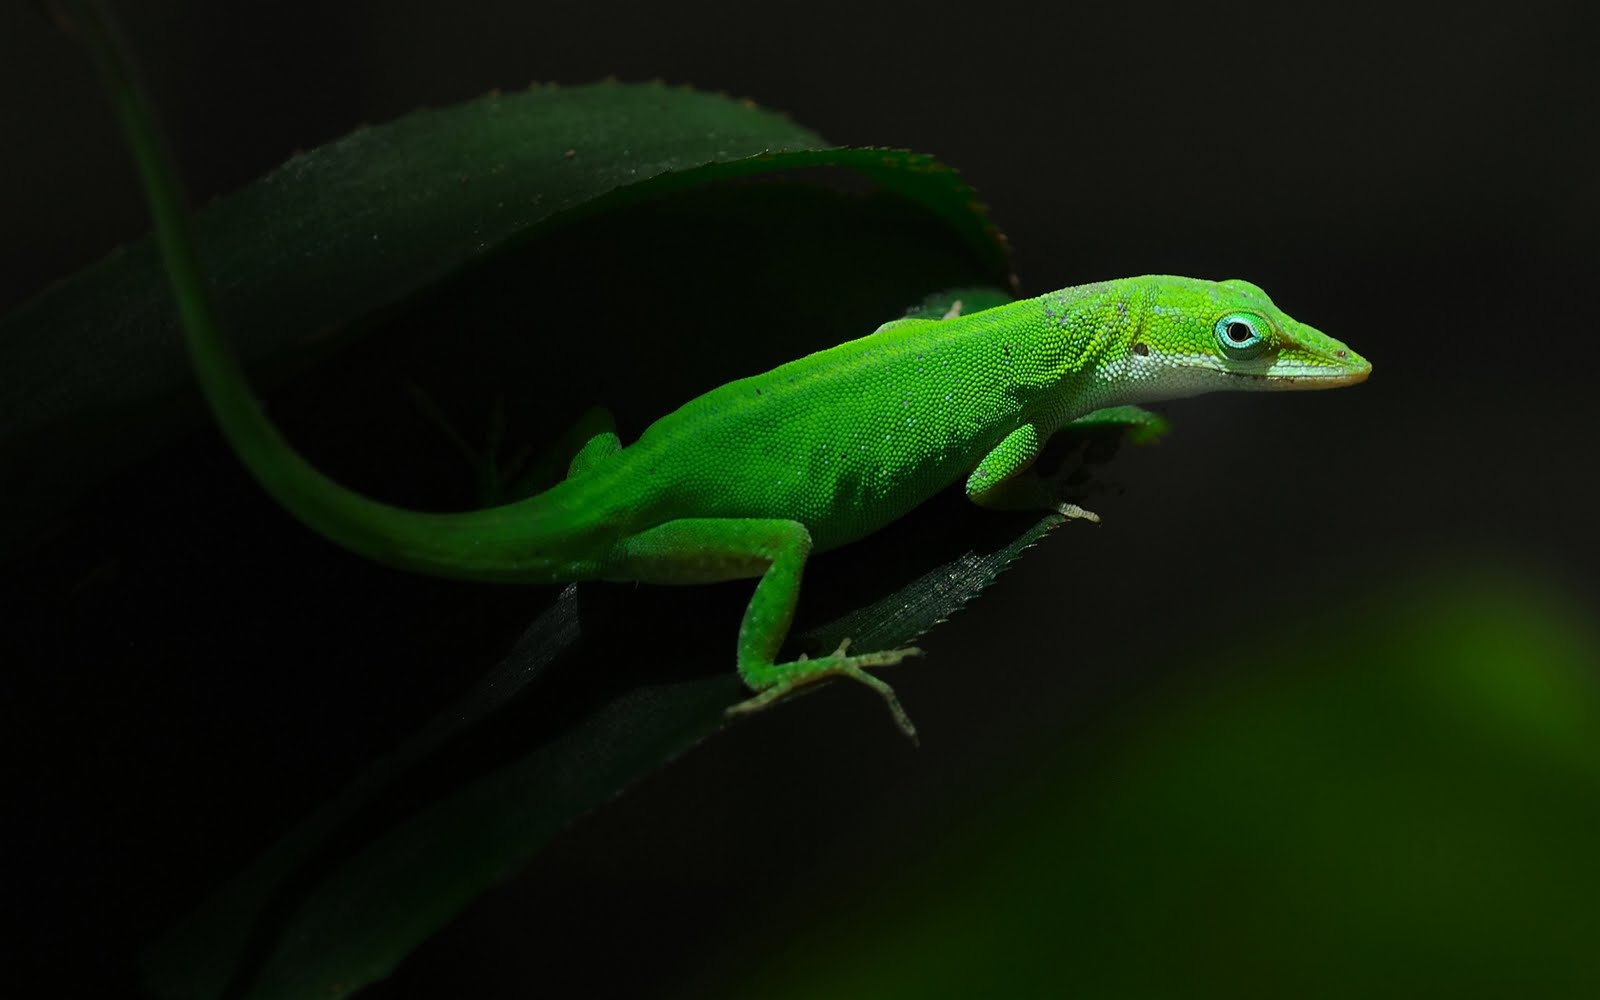 lizard green foliage dark hd wallpaper wallpaper full hd